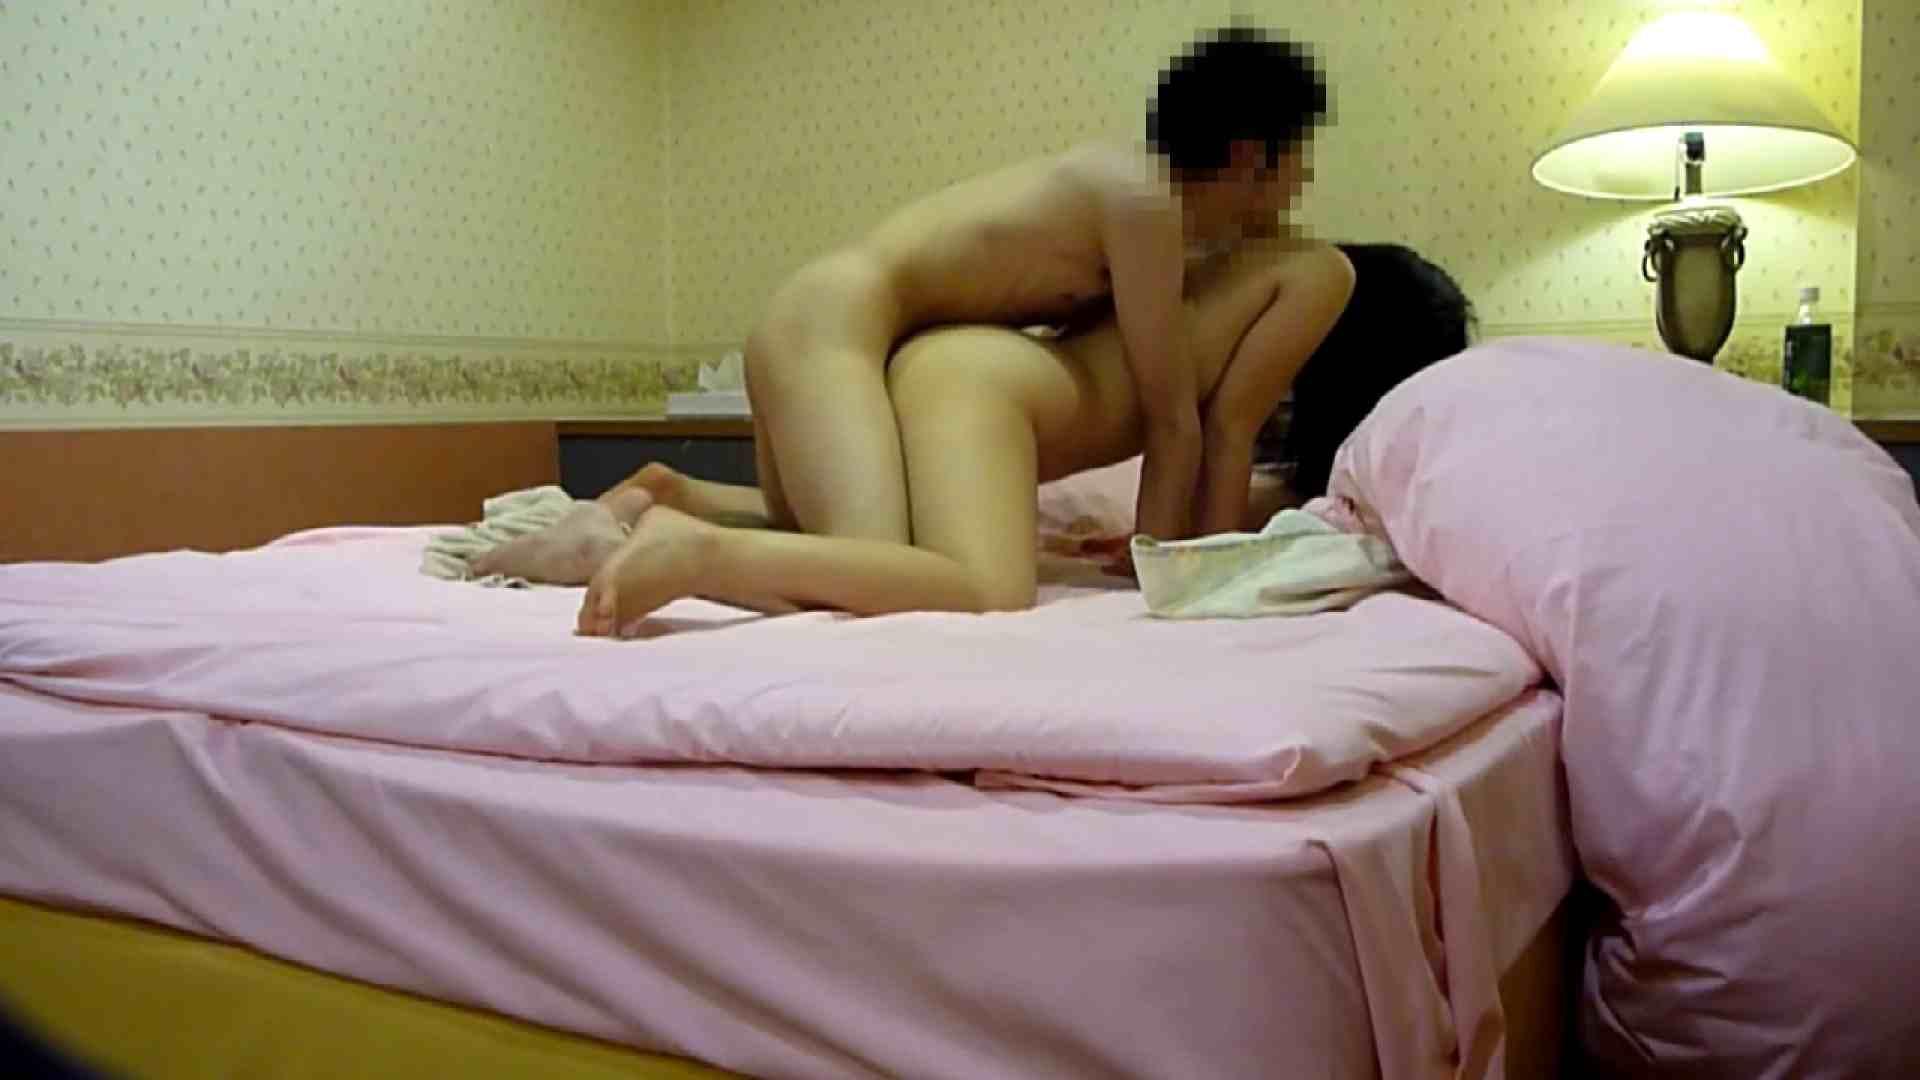 【完全素人投稿】誰にしようか!?やりチン健太の本日もデリ嬢いただきま~す!!05 投稿 セックス画像 107枚 56